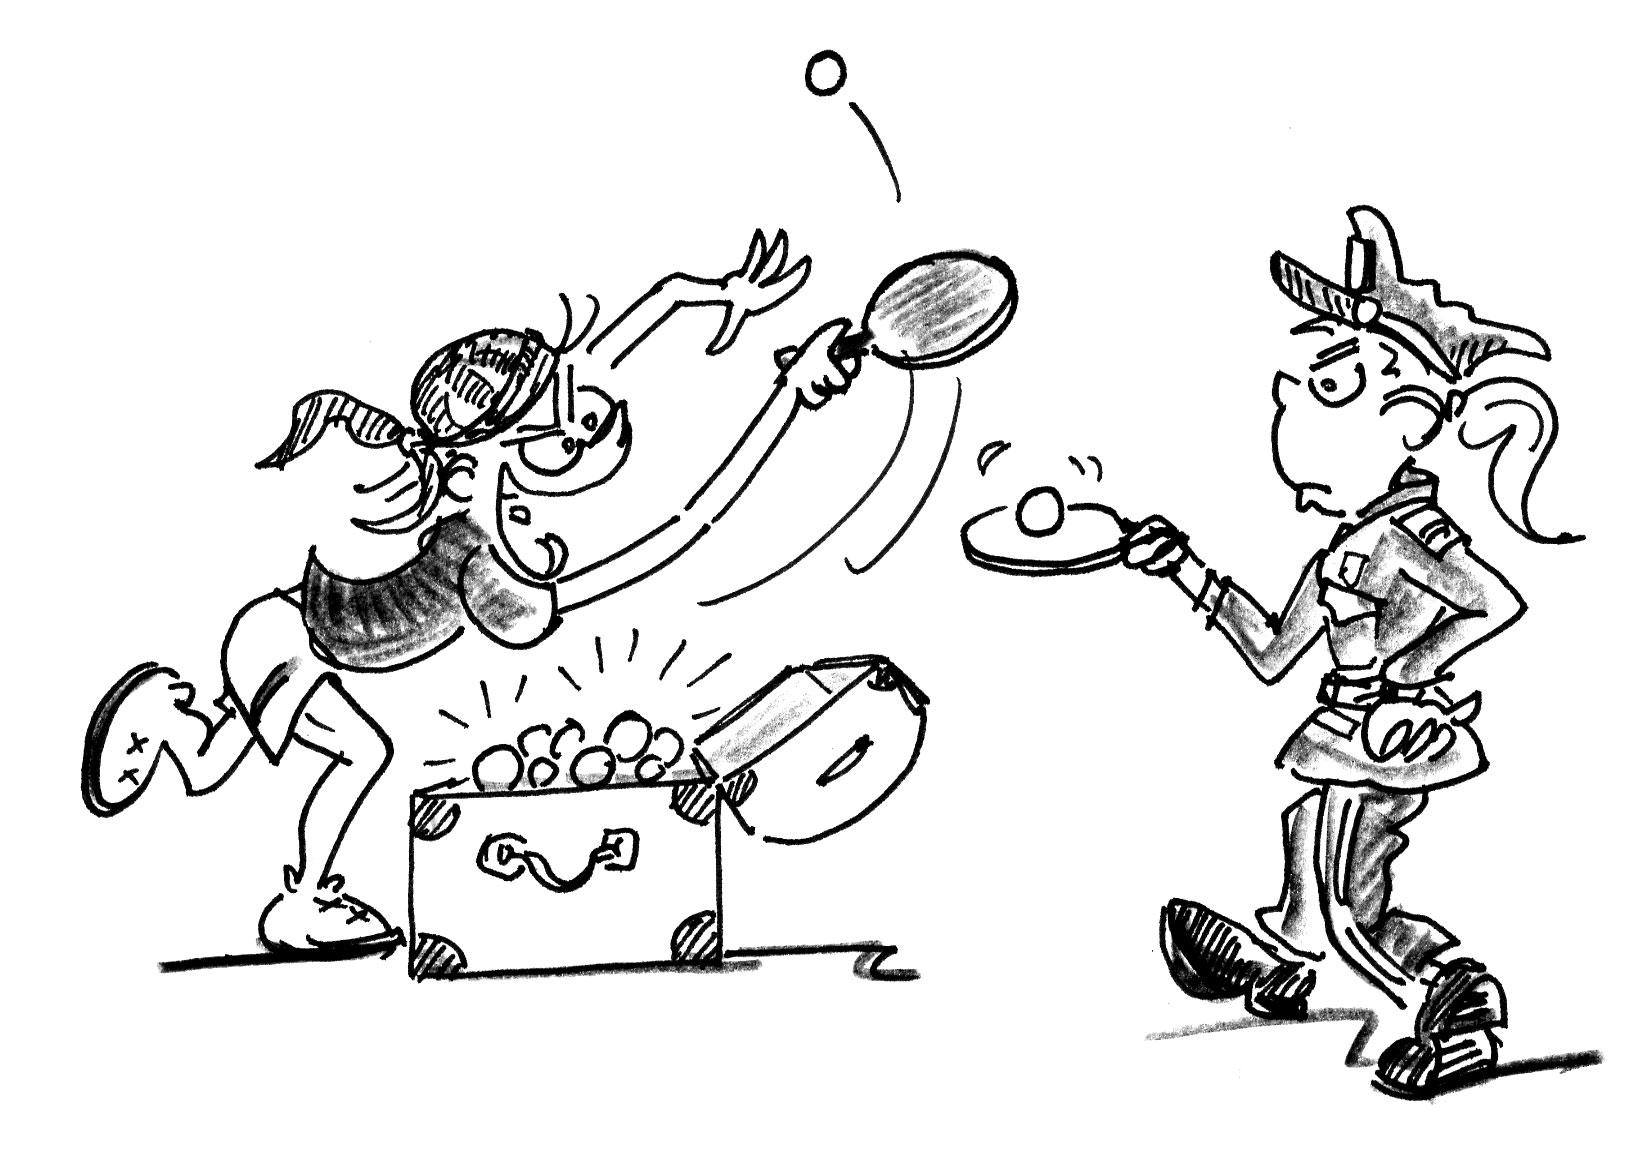 Jeux De Renvoi Avec Enfants – Tennis De Table: Police Et dedans Exercice Ludique